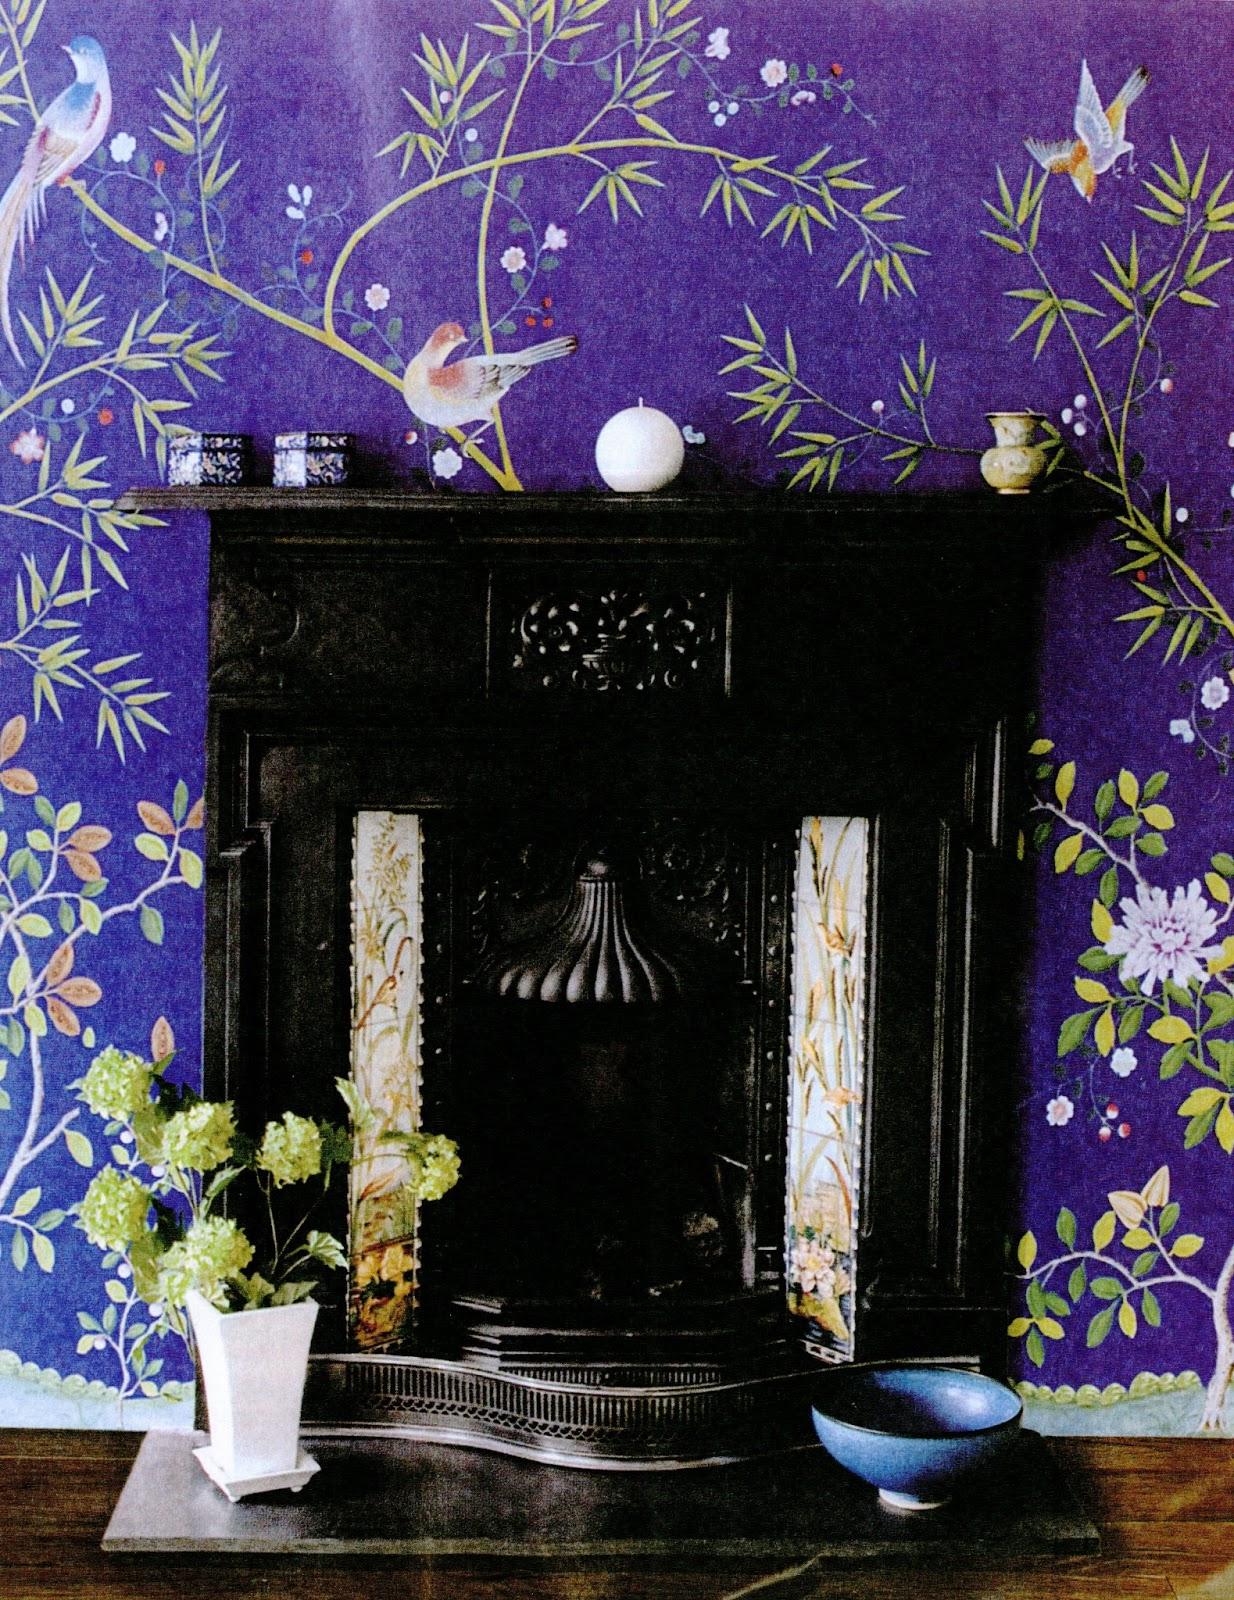 http://2.bp.blogspot.com/--ol94e4_ock/UWNdxOLtVbI/AAAAAAAAAiE/8SPxbaNQr78/s1600/Pal+++Smith_Flower+Power_Interior.jpg